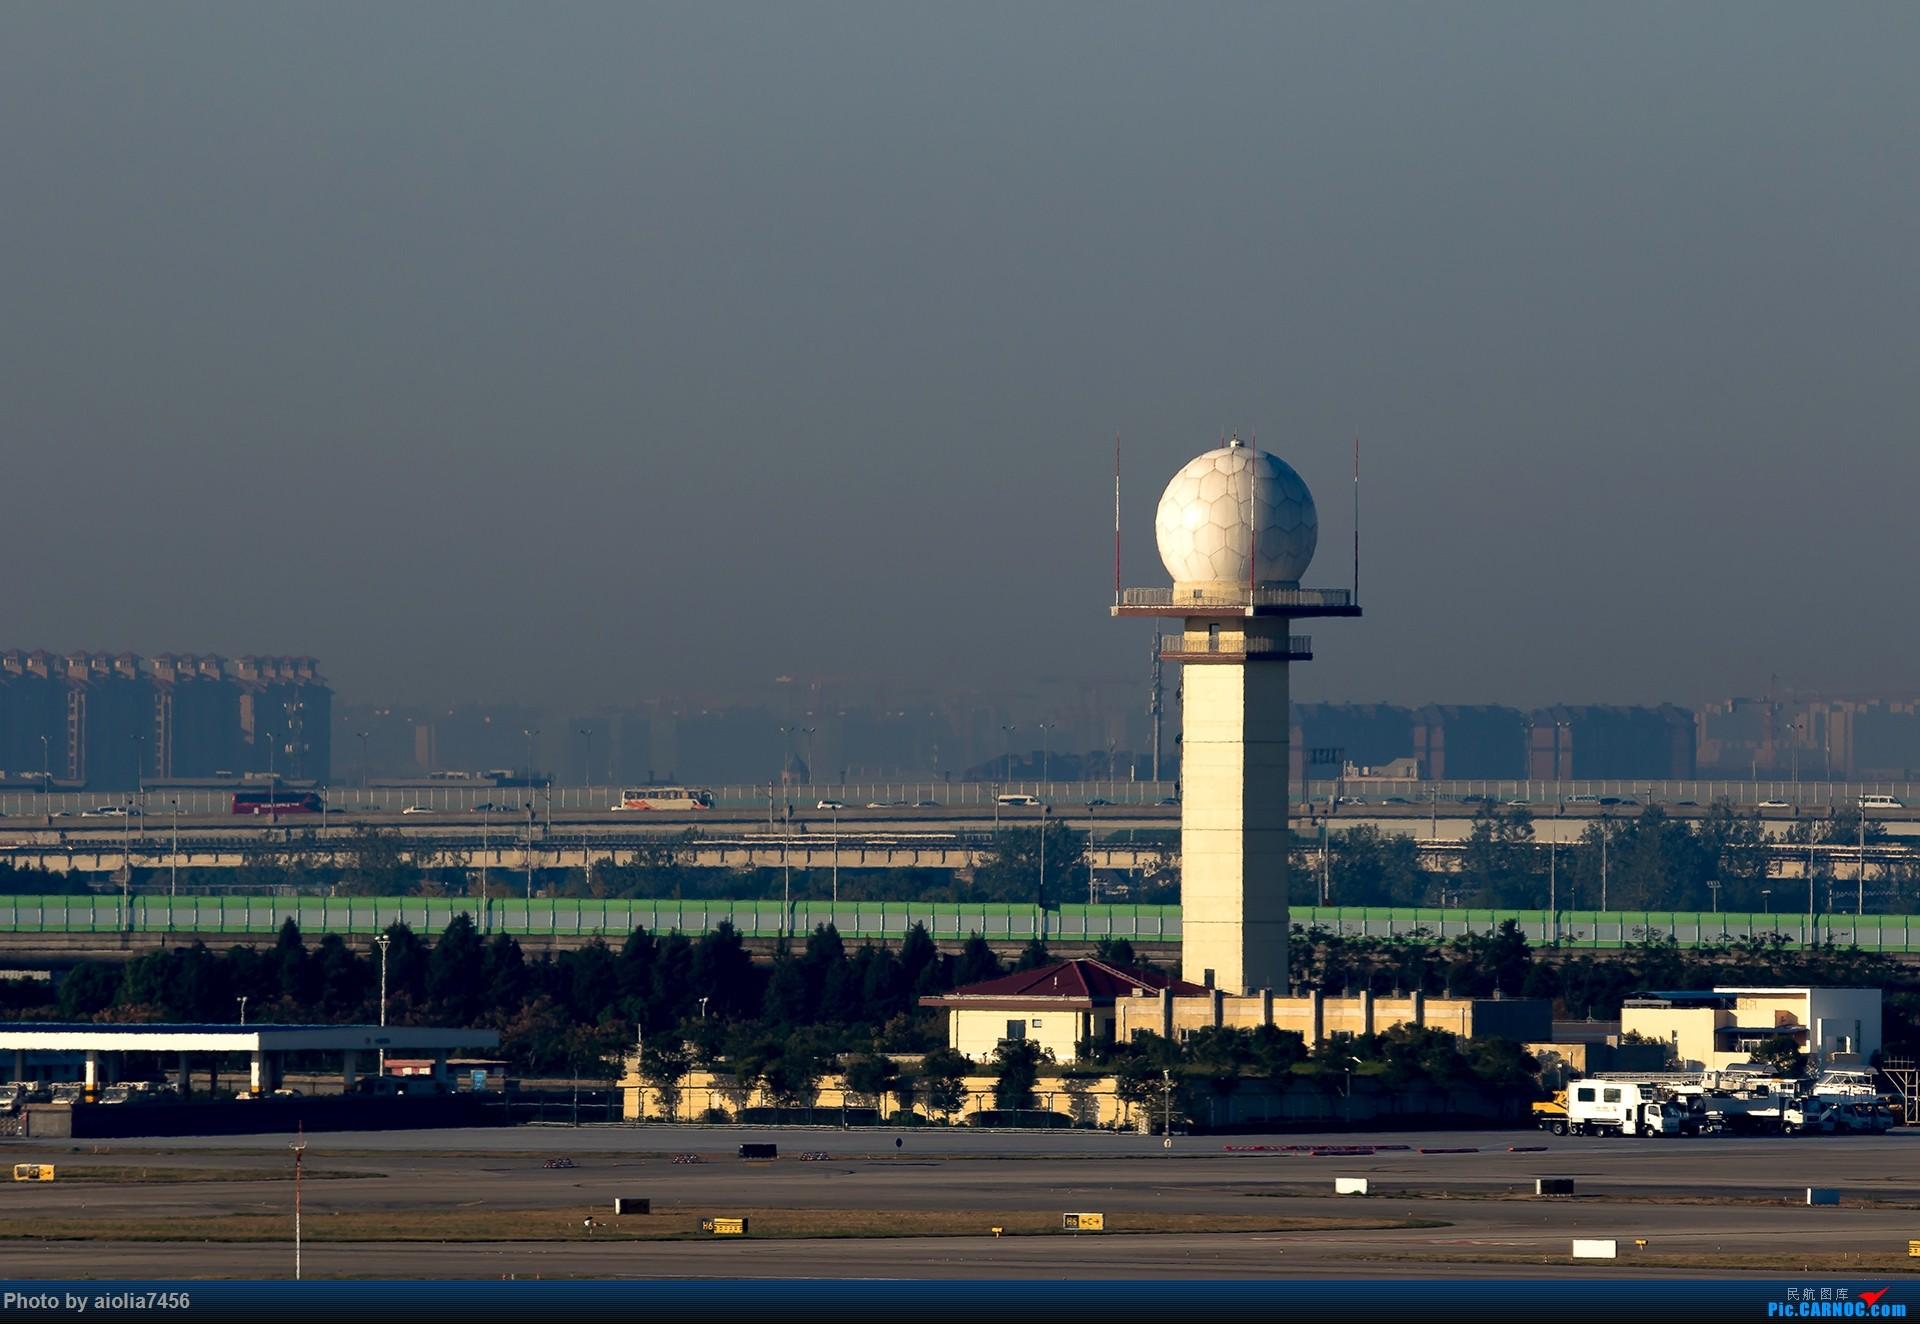 Re:[原创][霸都打机队]摸摸怀中的7D2,好宝宝,跟了新的主人你要乖乖听话哦,离开我之前,我带你逛一圈ZSSS,最后一次陪我看看那些我们不怎么看得到的宽体吧。    中国上海虹桥国际机场